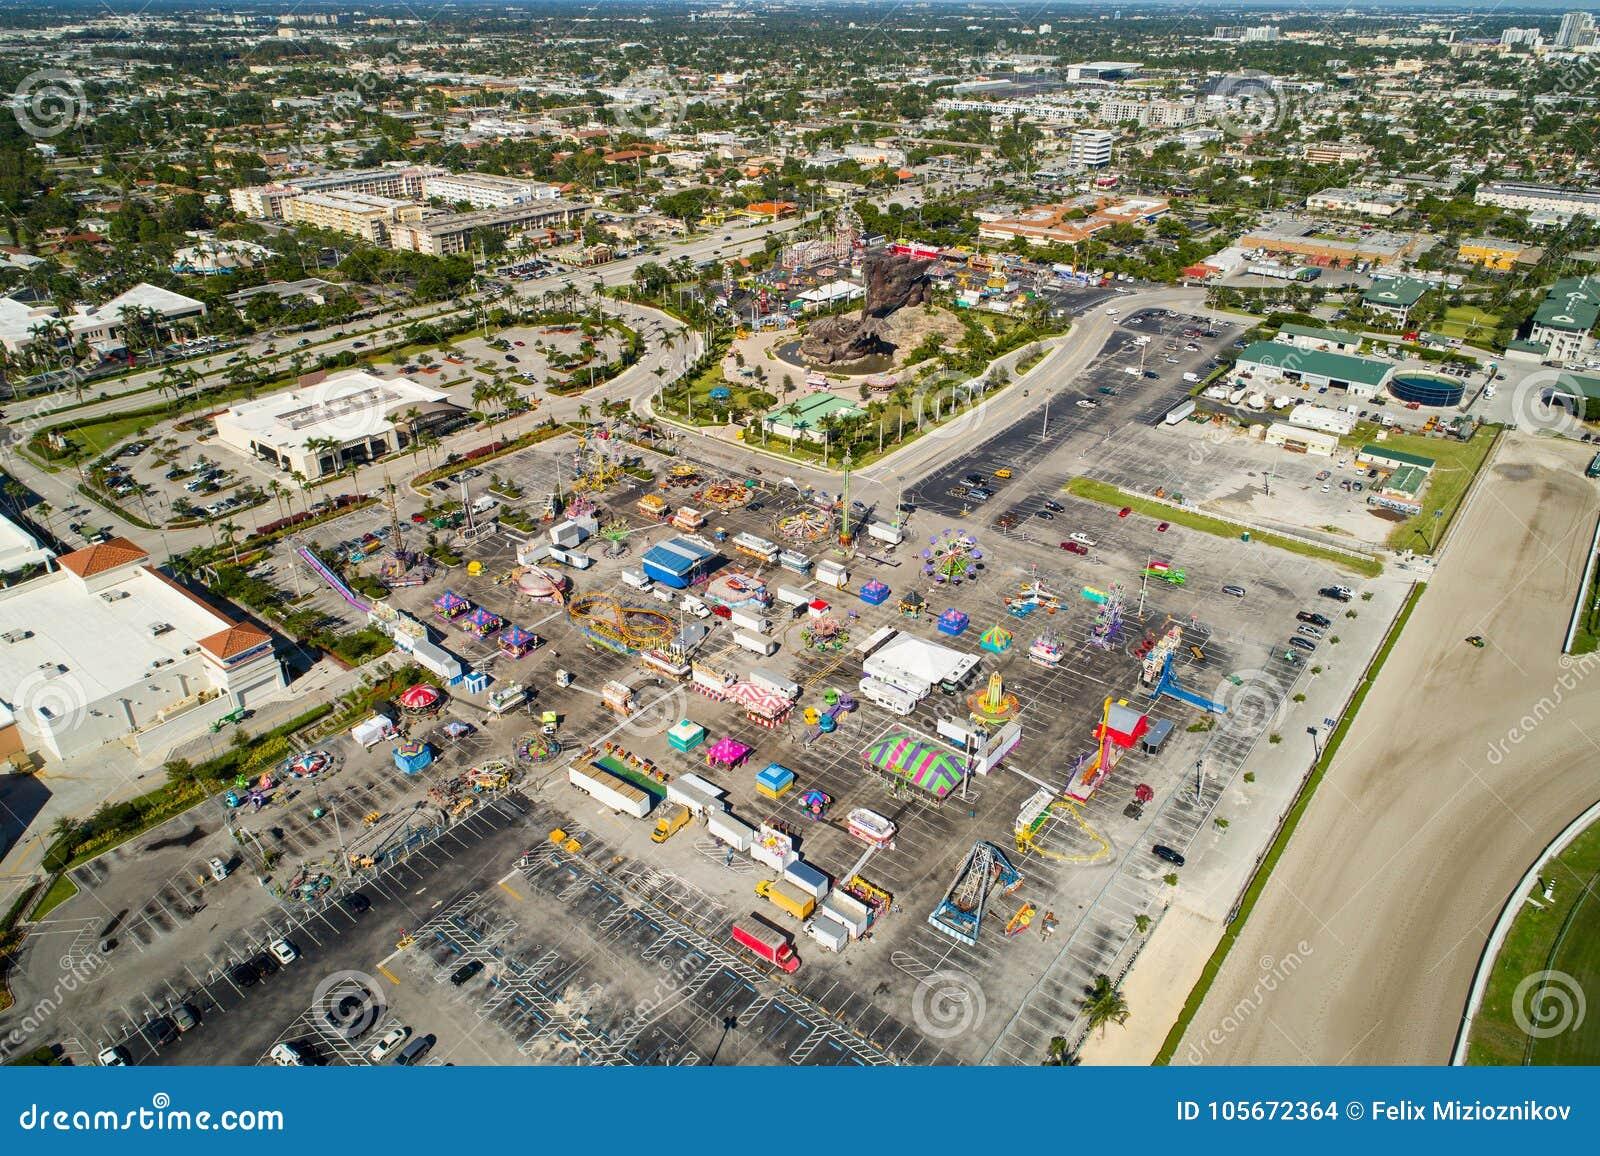 Immagine aerea della contea di Broward giusta a Gulfstream Park